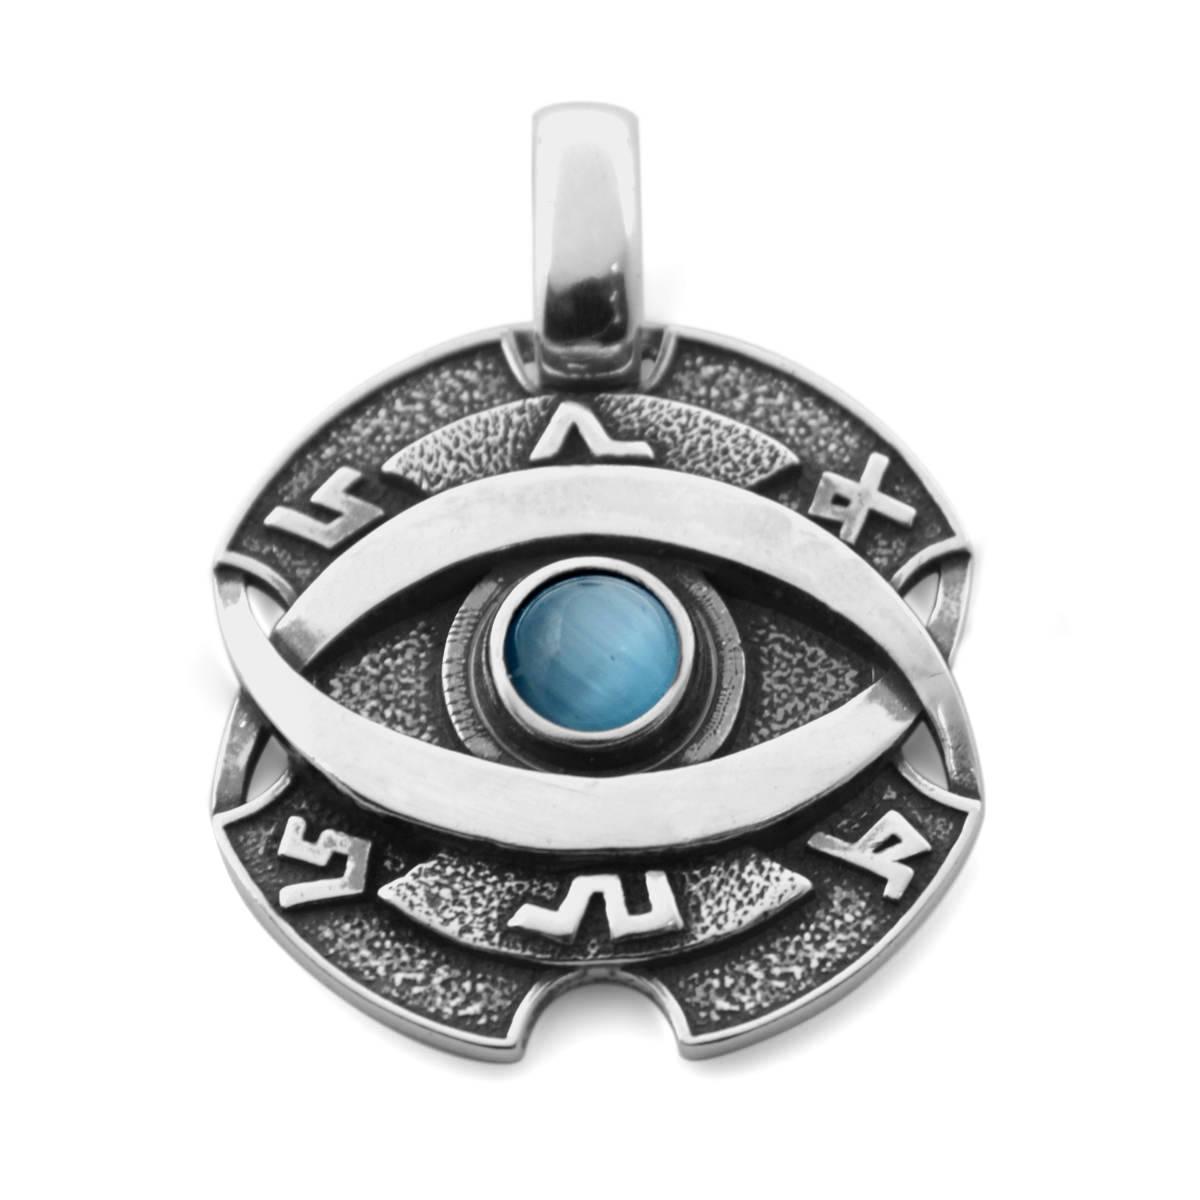 Всевидящее око: значение символа и его сакральный смысл